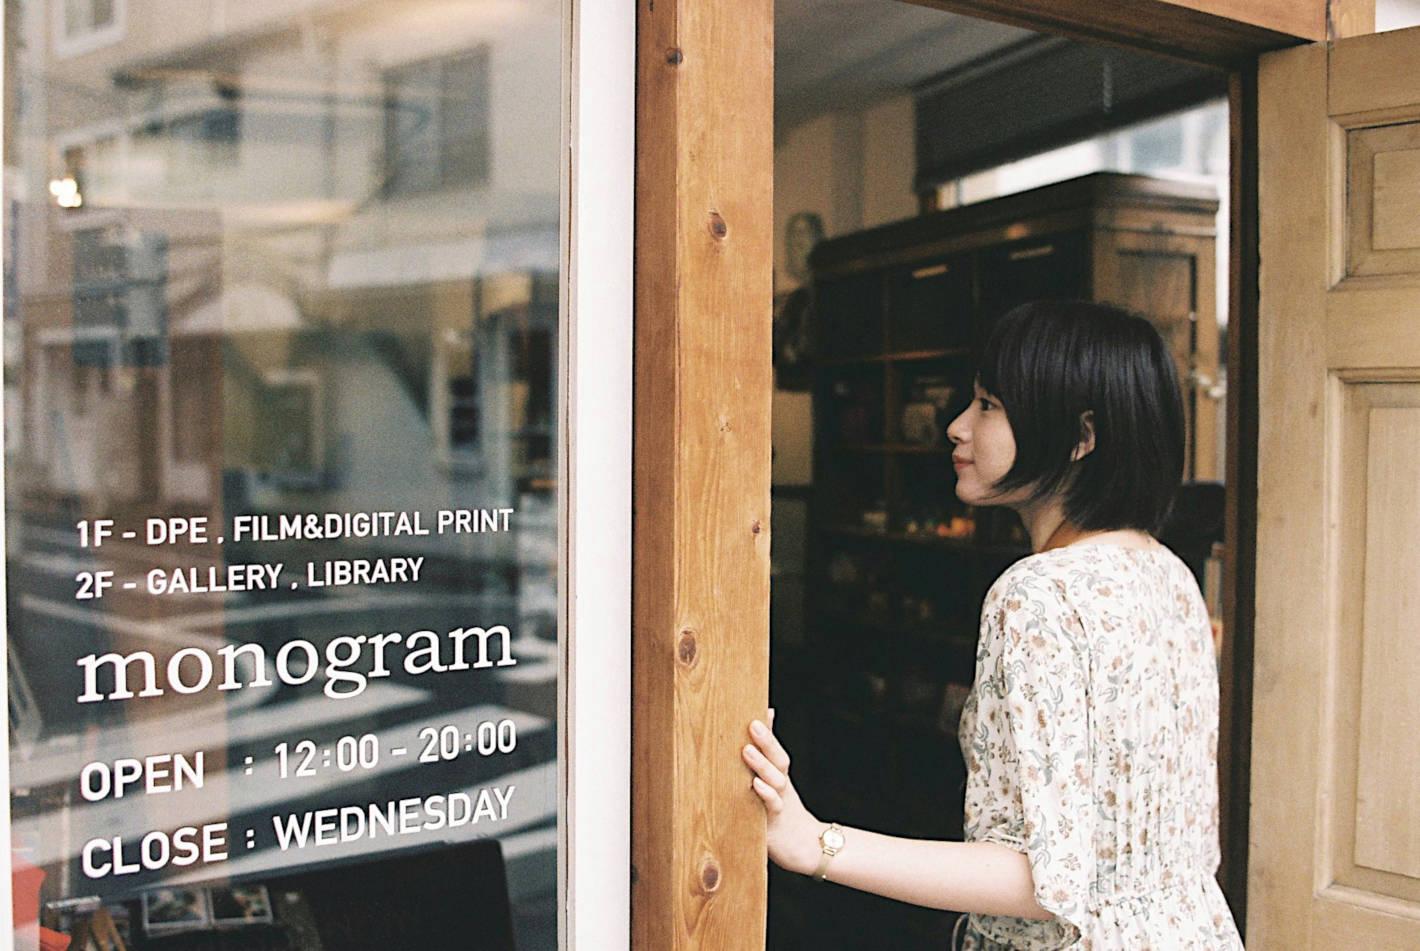 待つ時間もワクワク!自分好みに仕上げる写真店でのオーダーを体験してきました